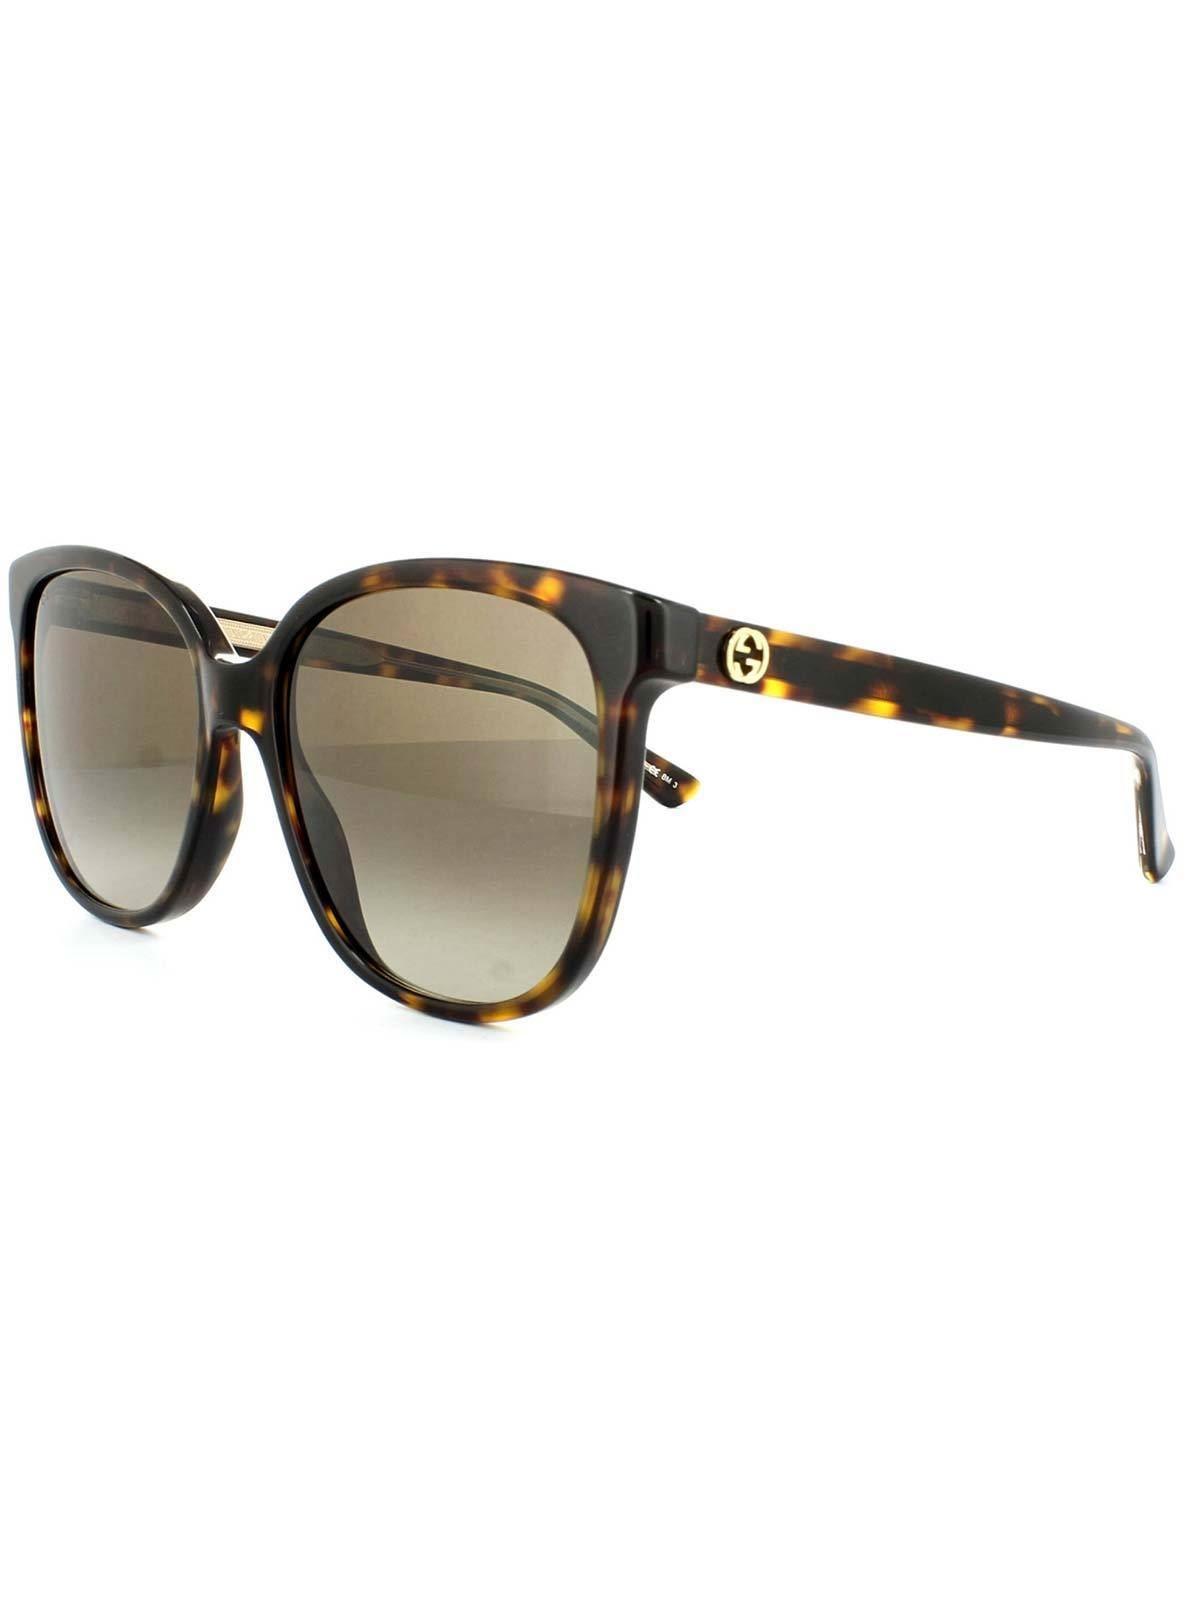 Gucci Sonnenbrille GG-3819/S-KCL (55 mm) havana Q8HM15